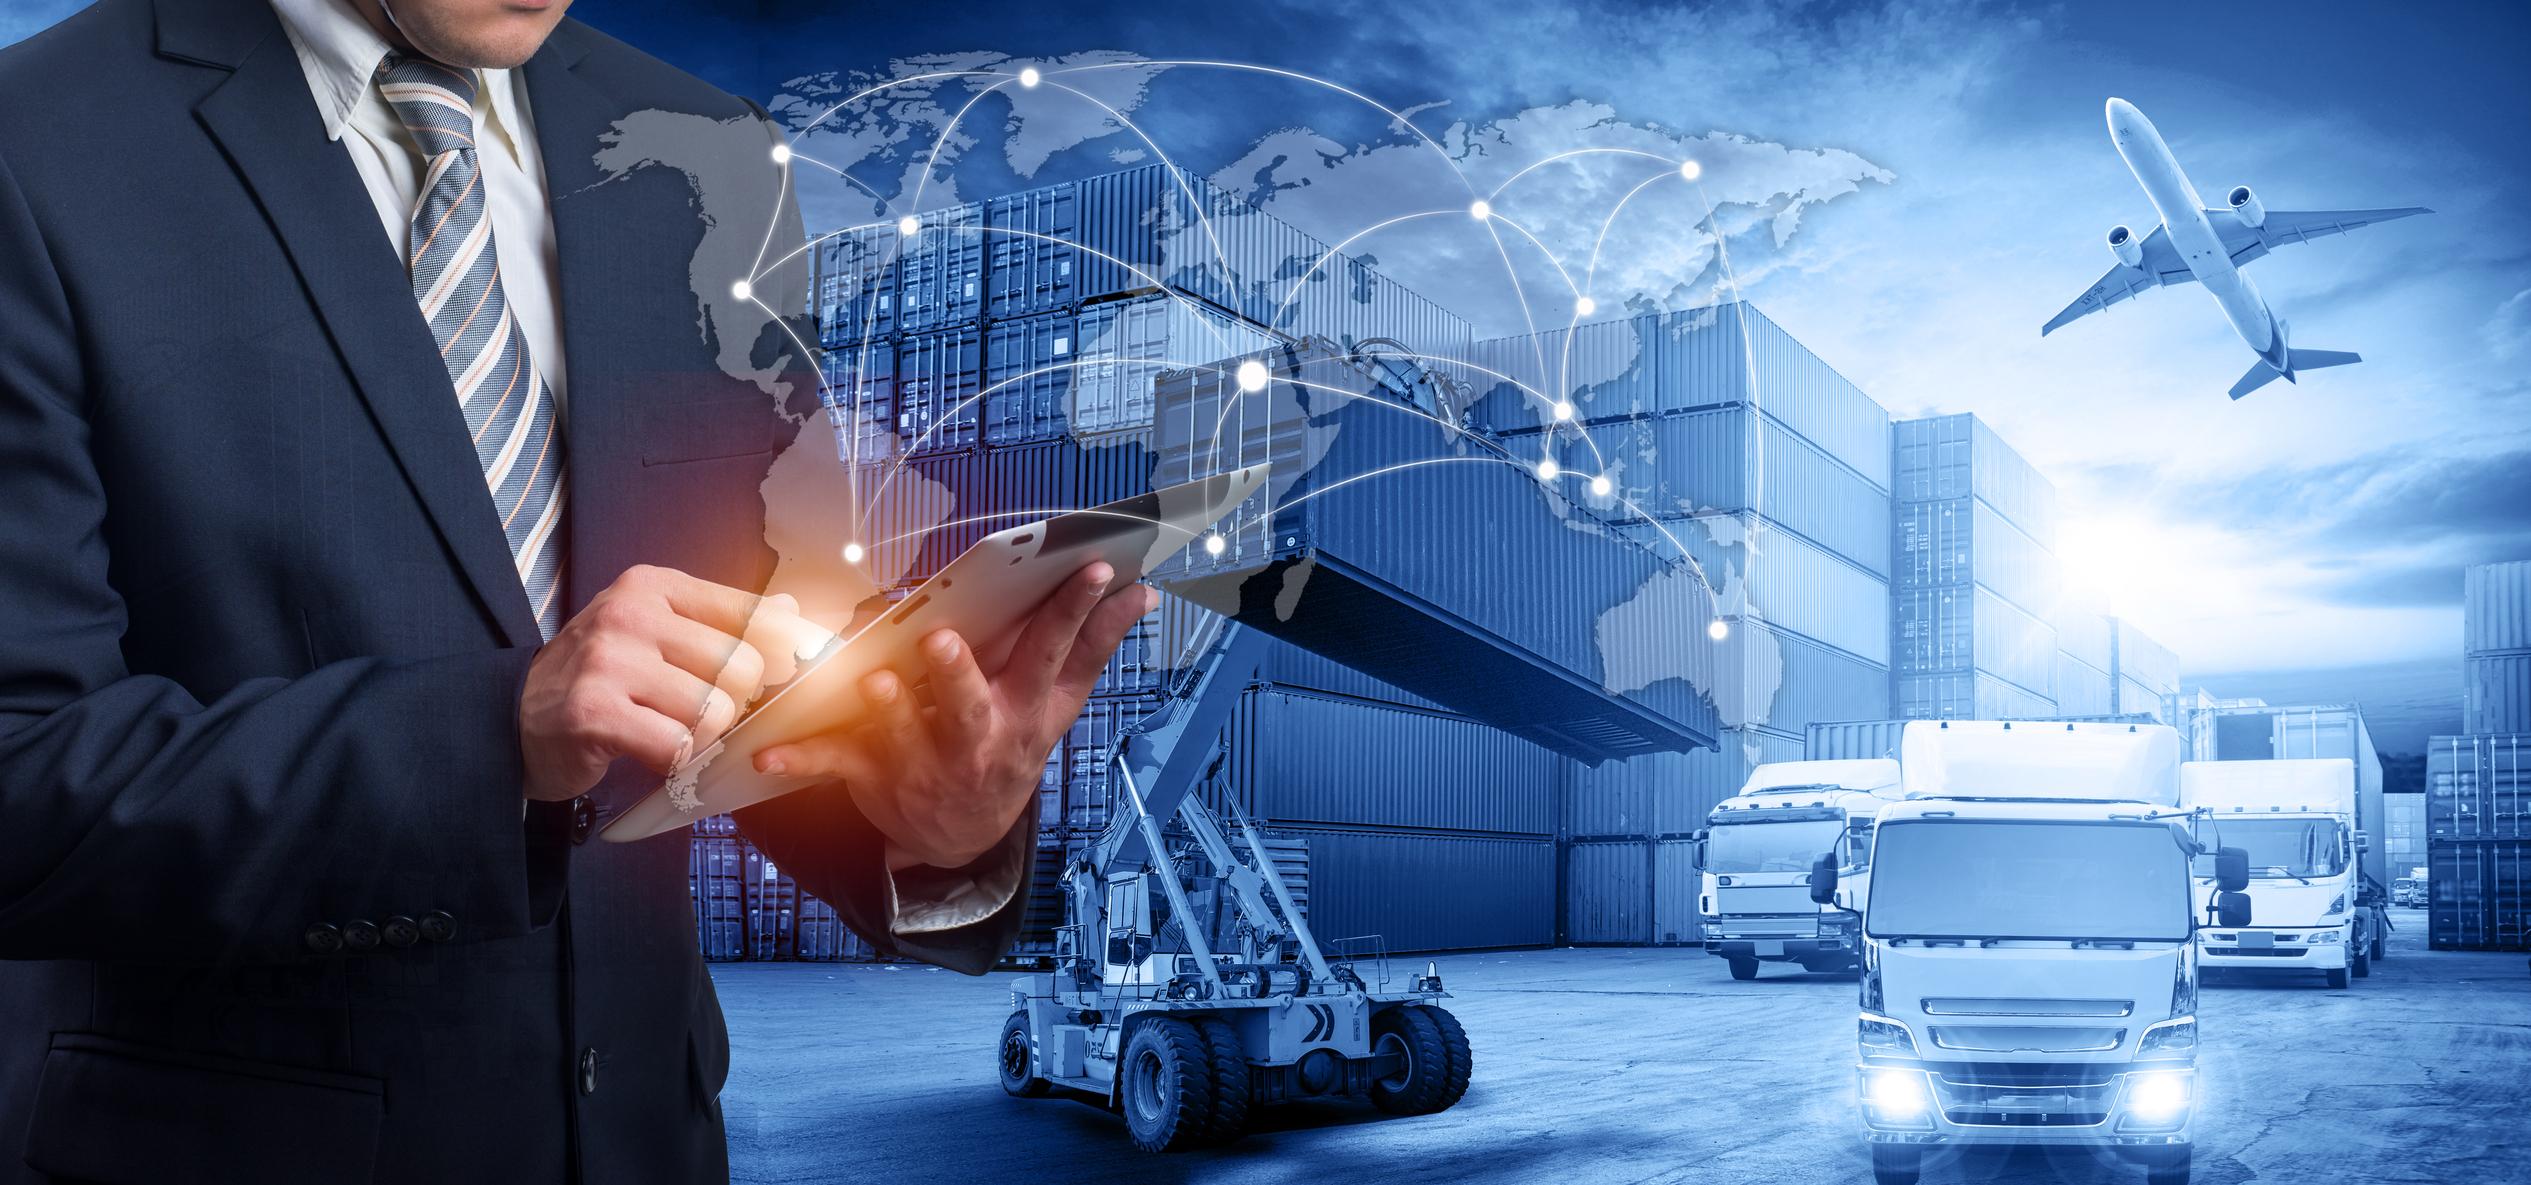 """区块链技术""""为物流行业带来革命性变革"""""""